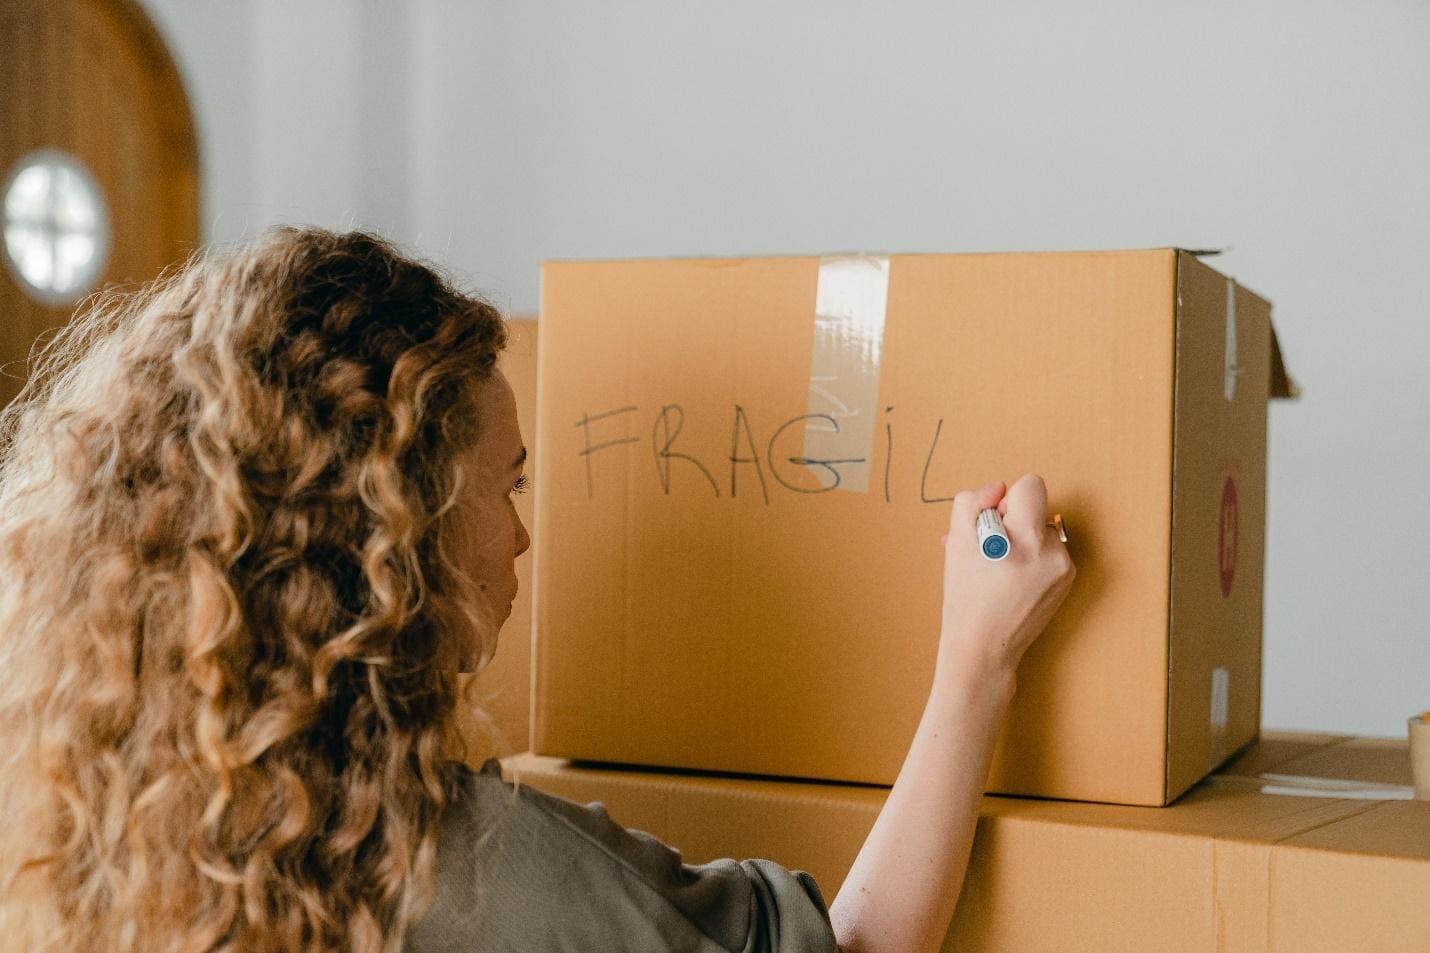 girl packing fragile item